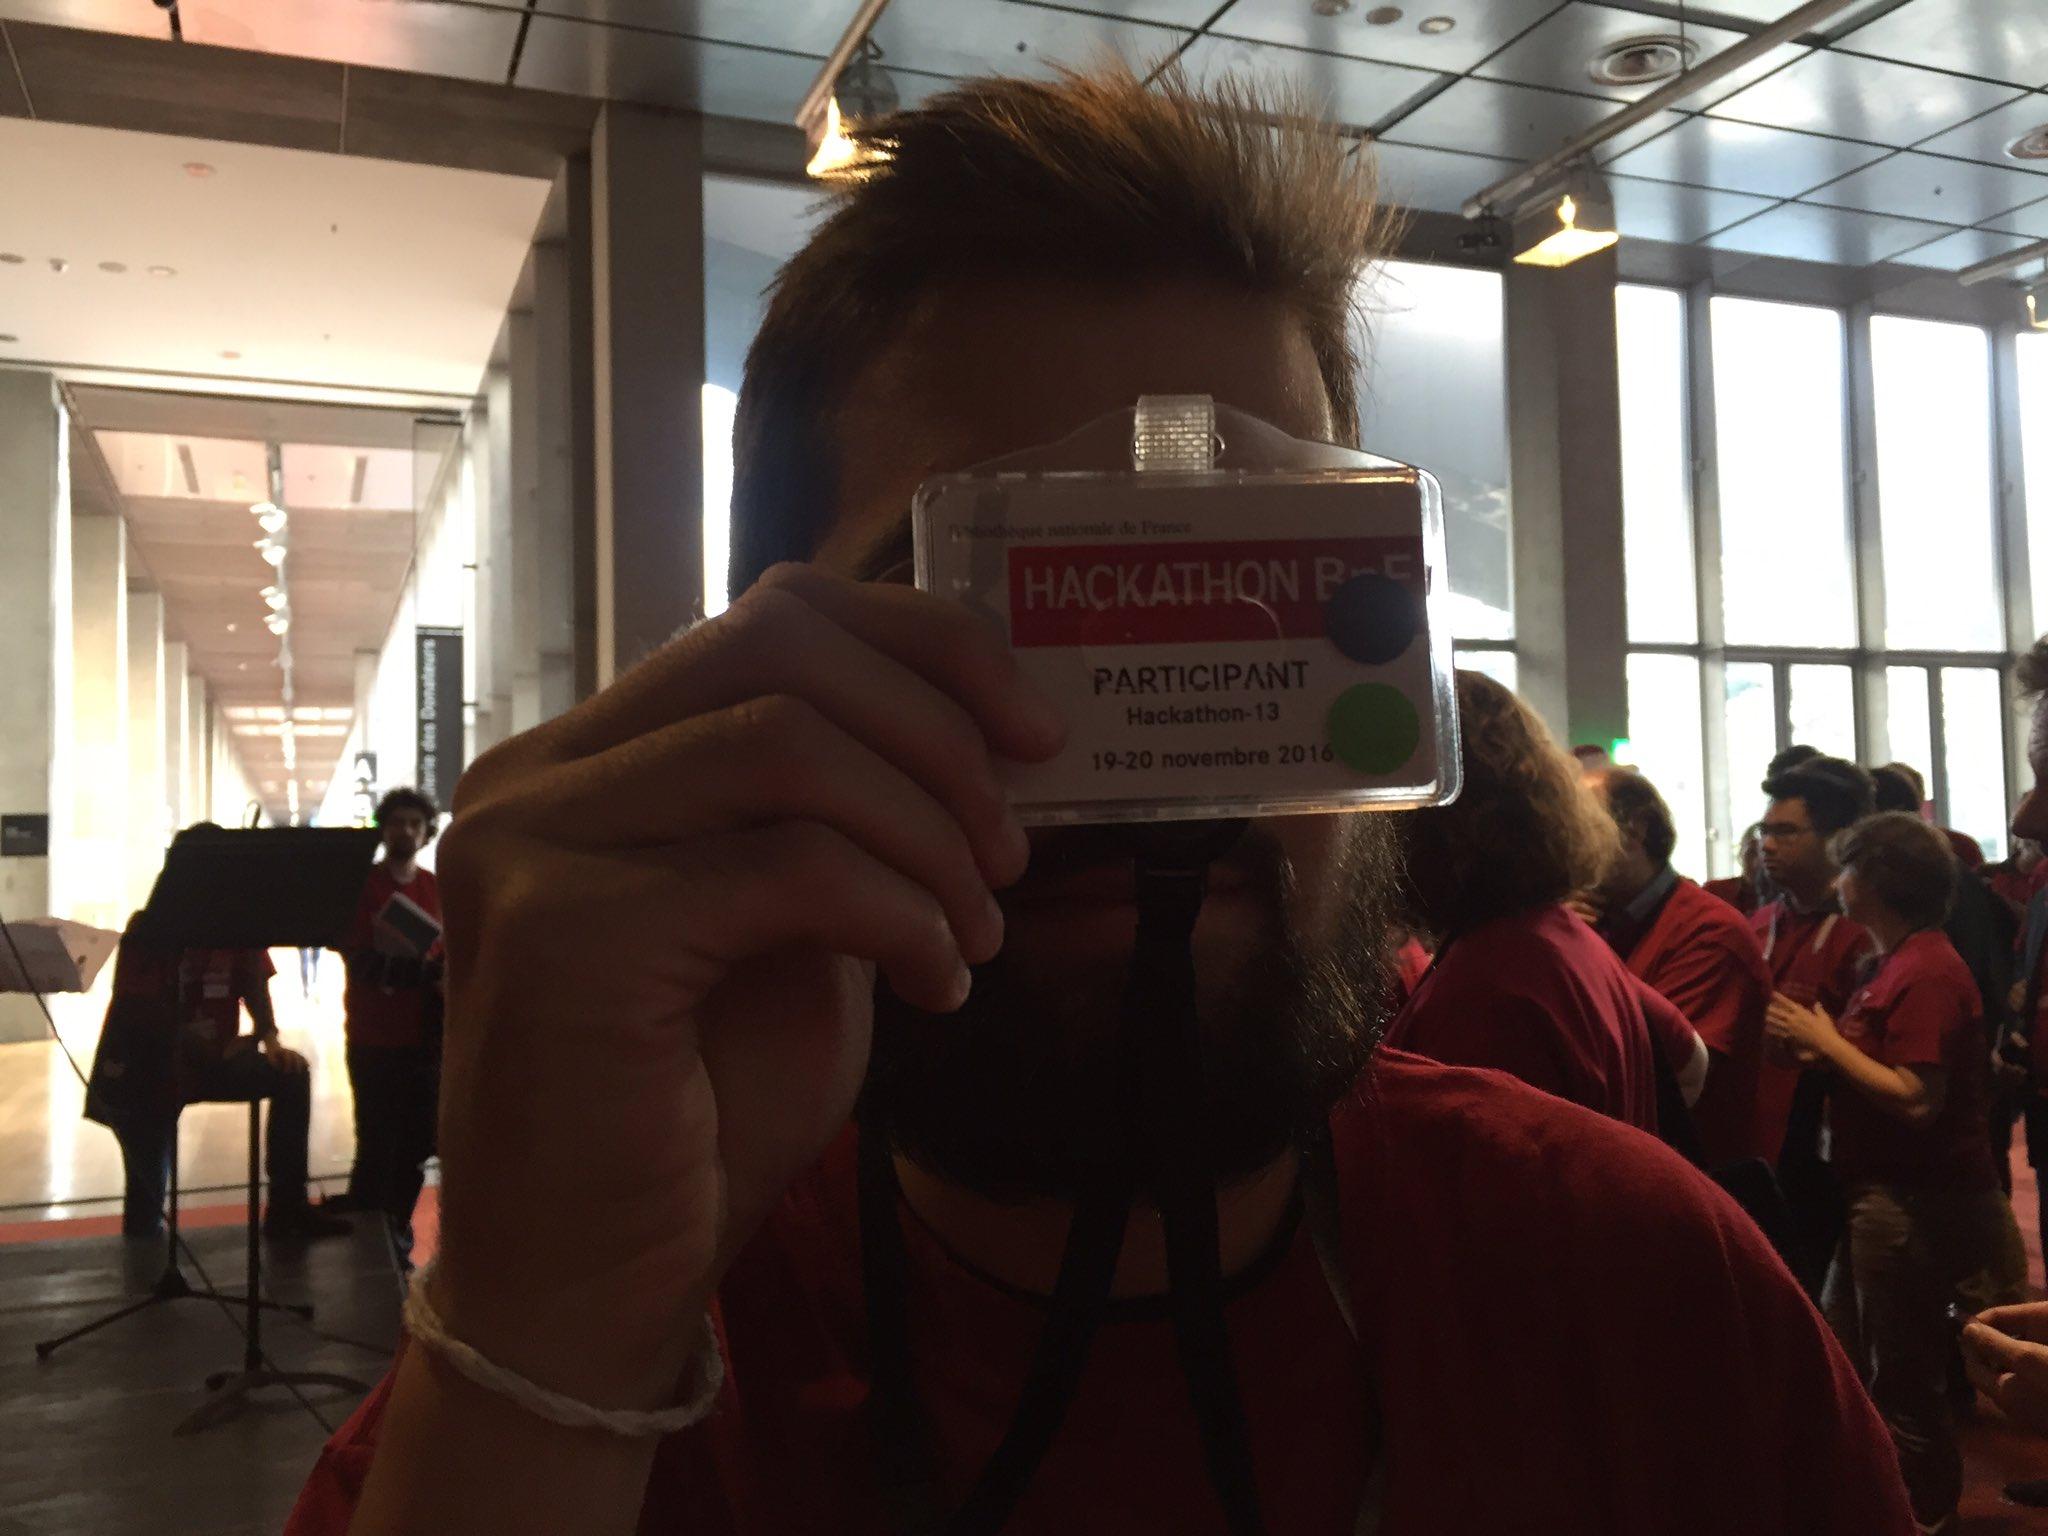 #hackathonBnF @seeksanusername propose d'établir des corpus visuels. Avis aux amateurs d'images décalées, il est seul pour le moment !! https://t.co/JenDnF6P8A